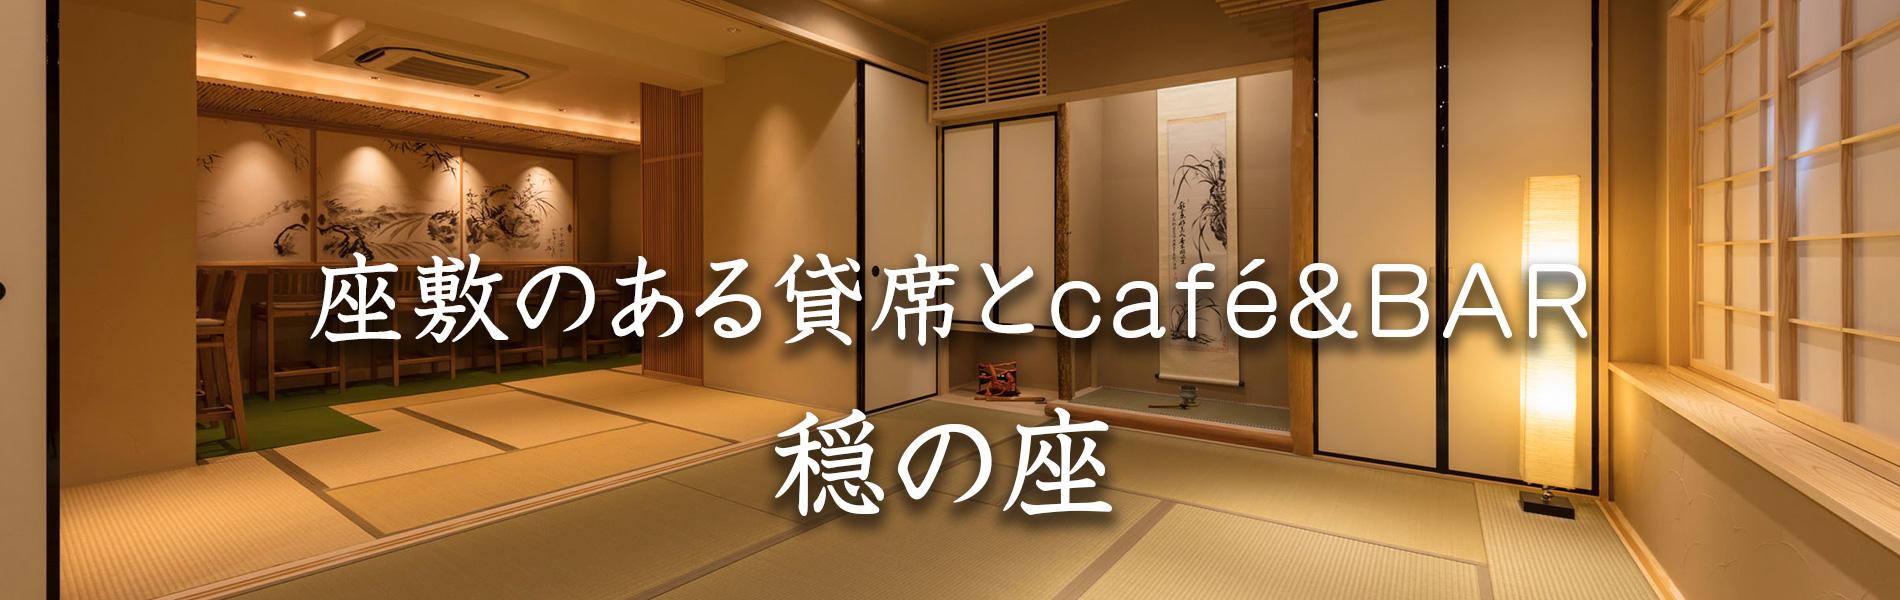 座敷のある貸席とcafé&BAR穏の座